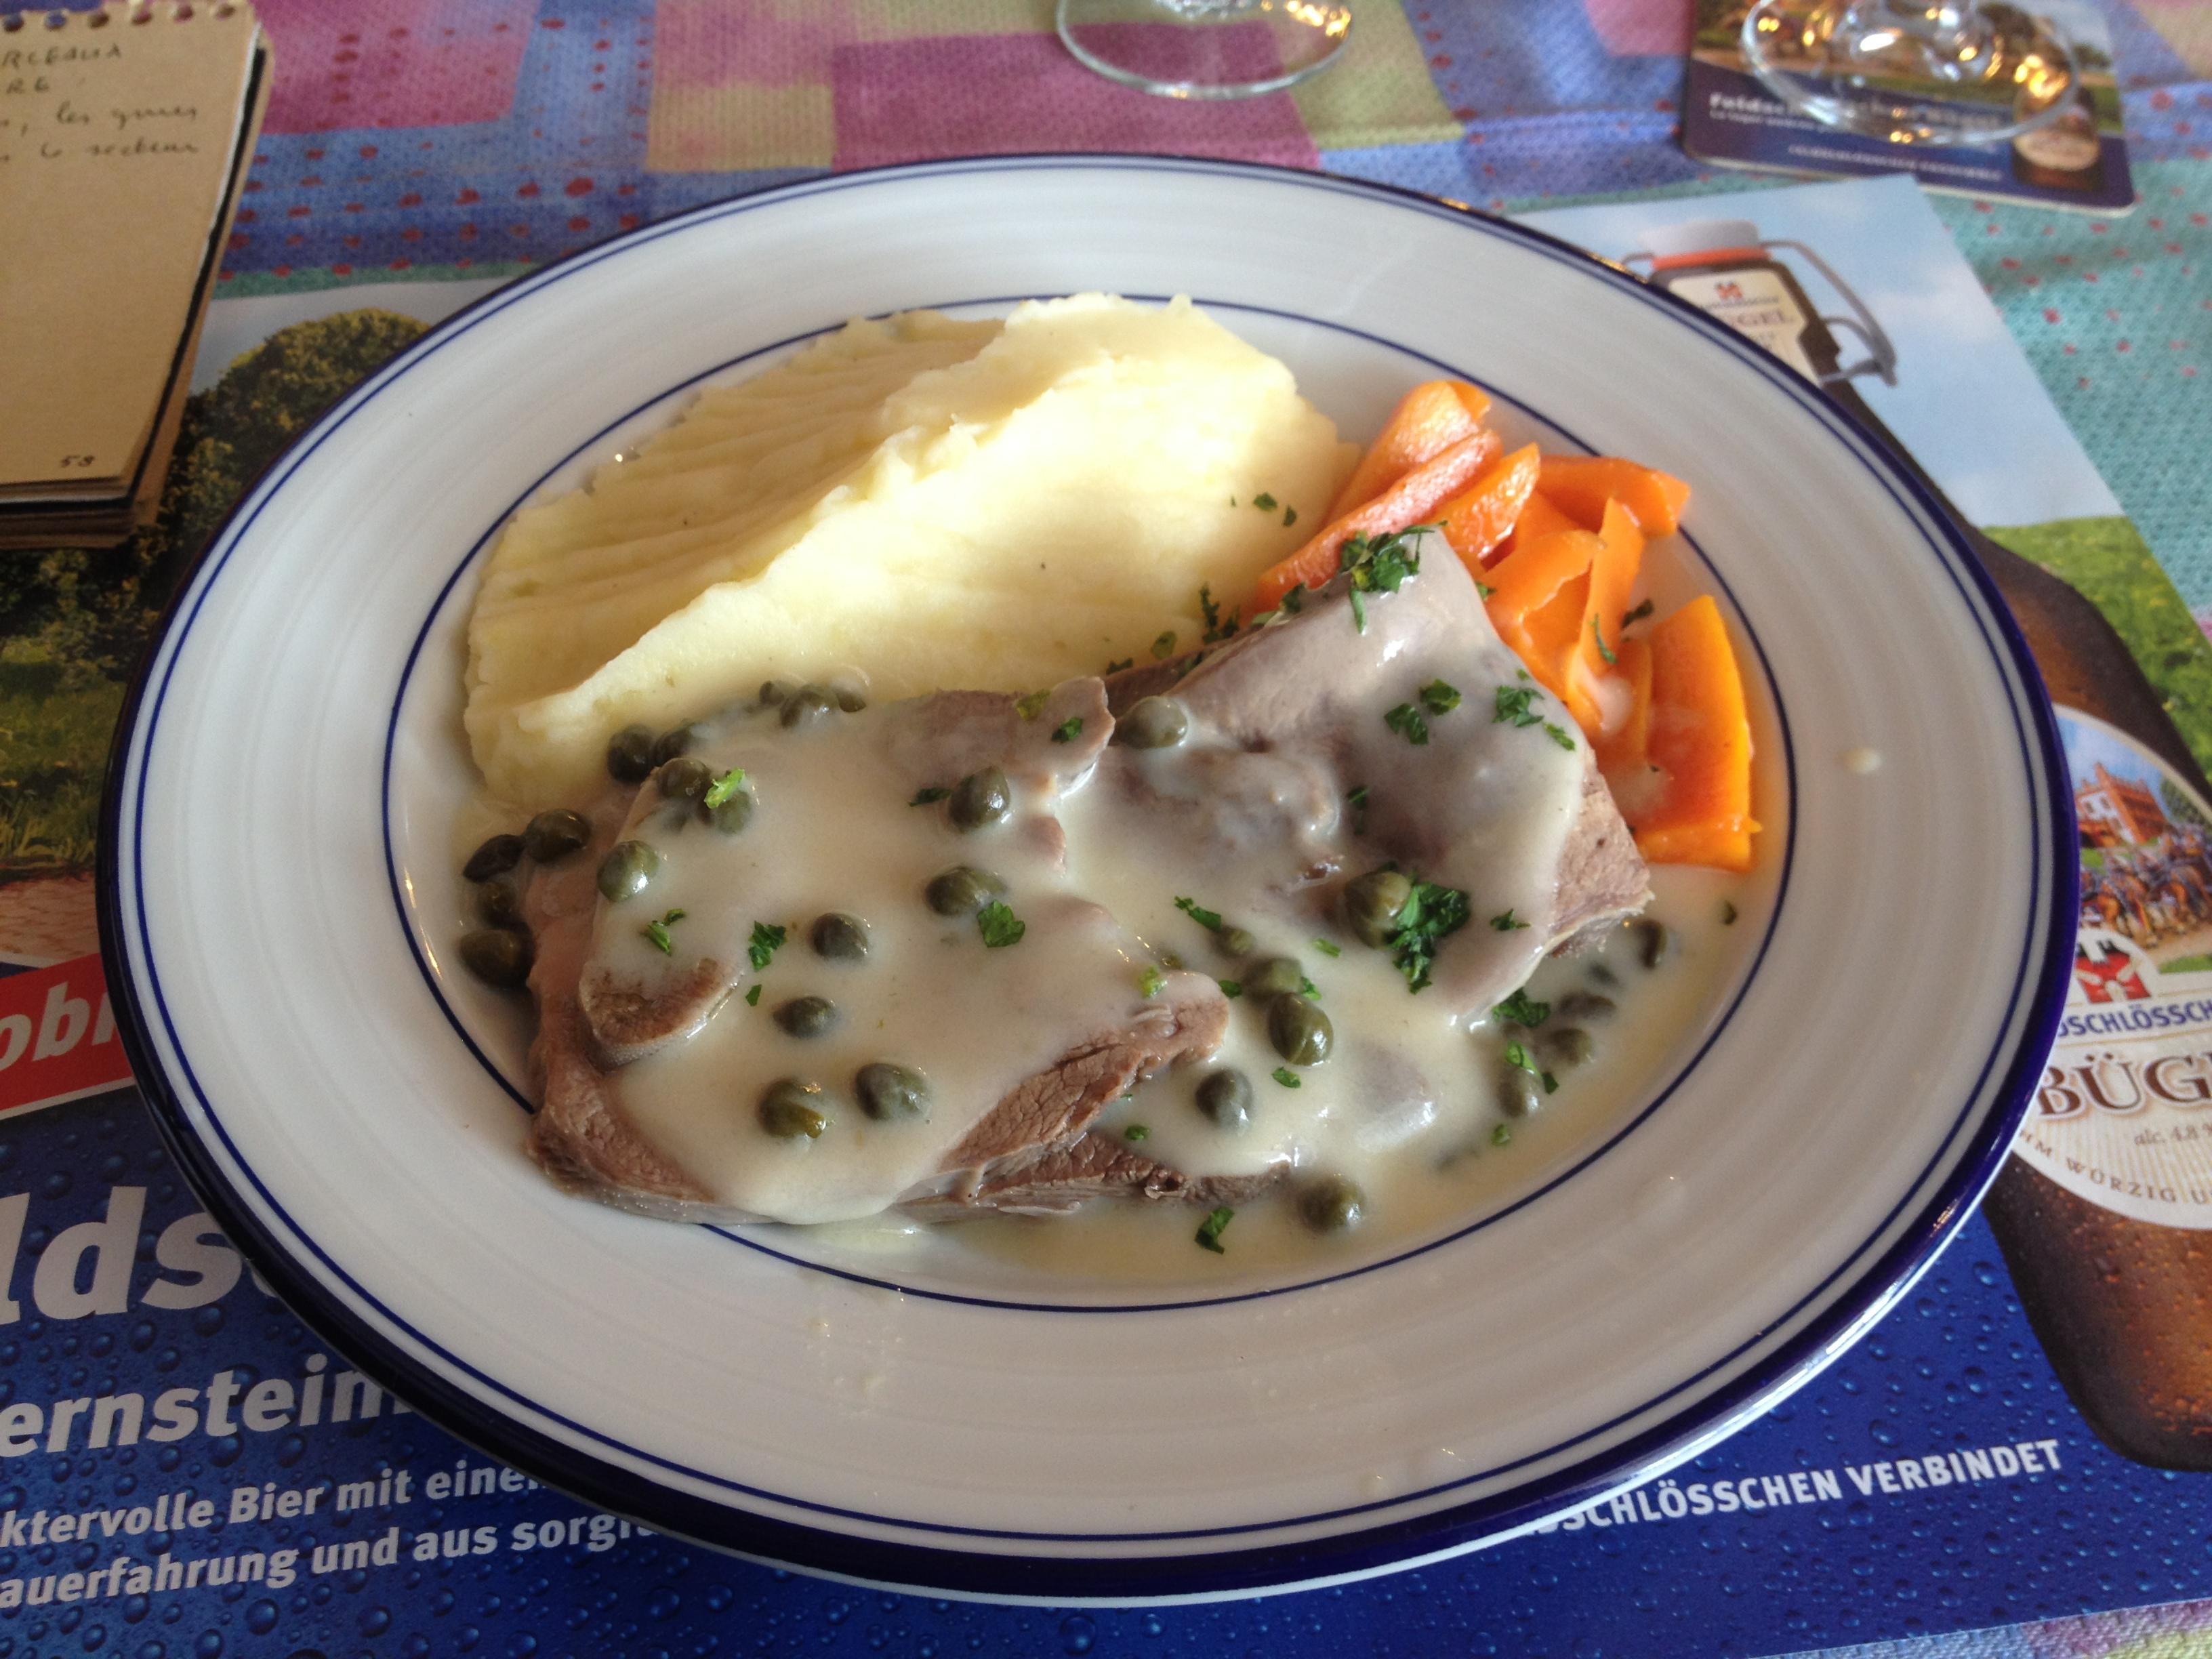 Le mercredi chez calvetti c tait jour de langue arpenter l ouest - Comment cuisiner la langue de boeuf ...